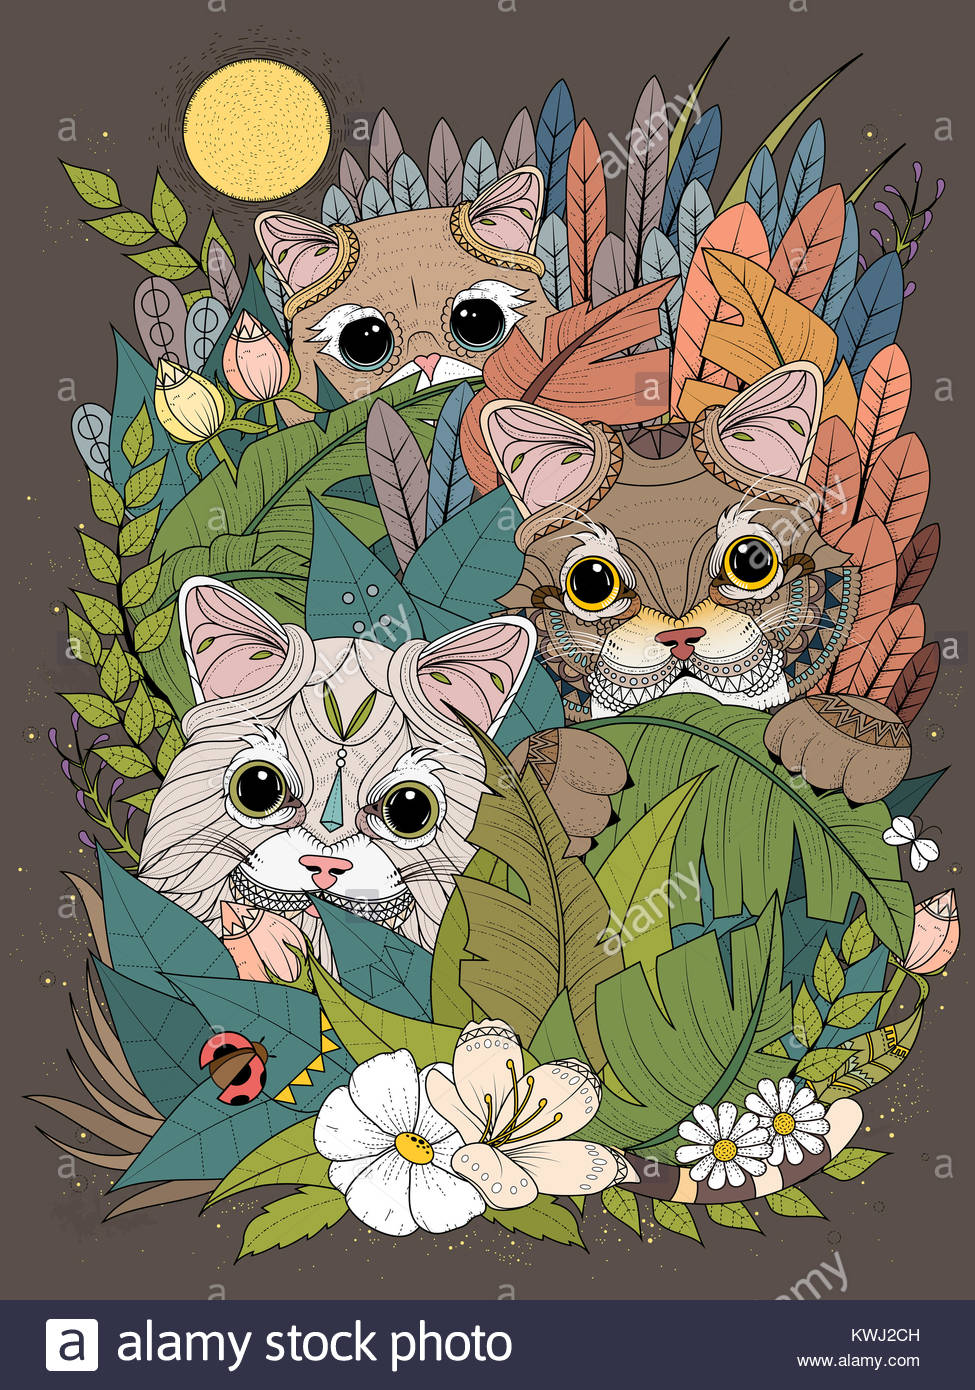 Erwachsene Malvorlagen - wilde Kätzchen versteckt sich hinter ...